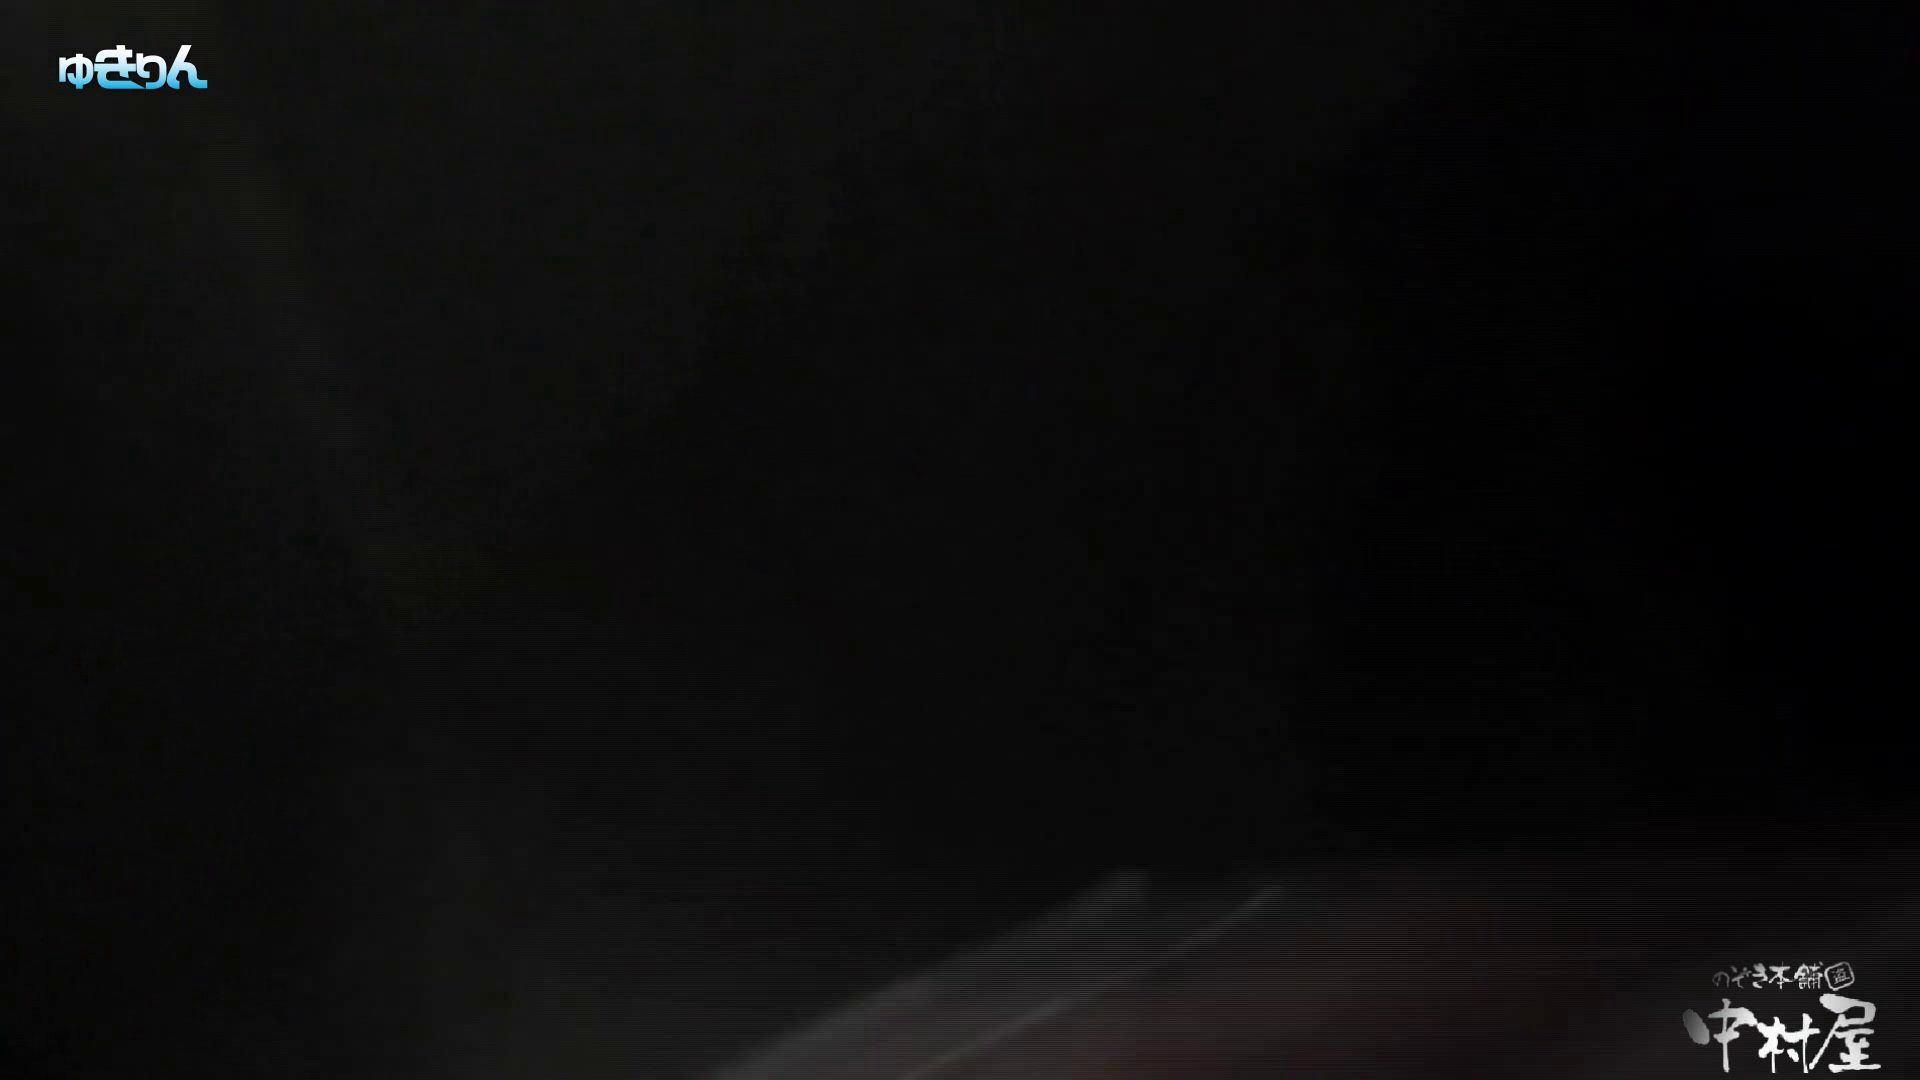 世界の射窓から~ステーション編~ vol56 すごいM字開脚してくれます。前編 OLセックス | 0  69画像 55